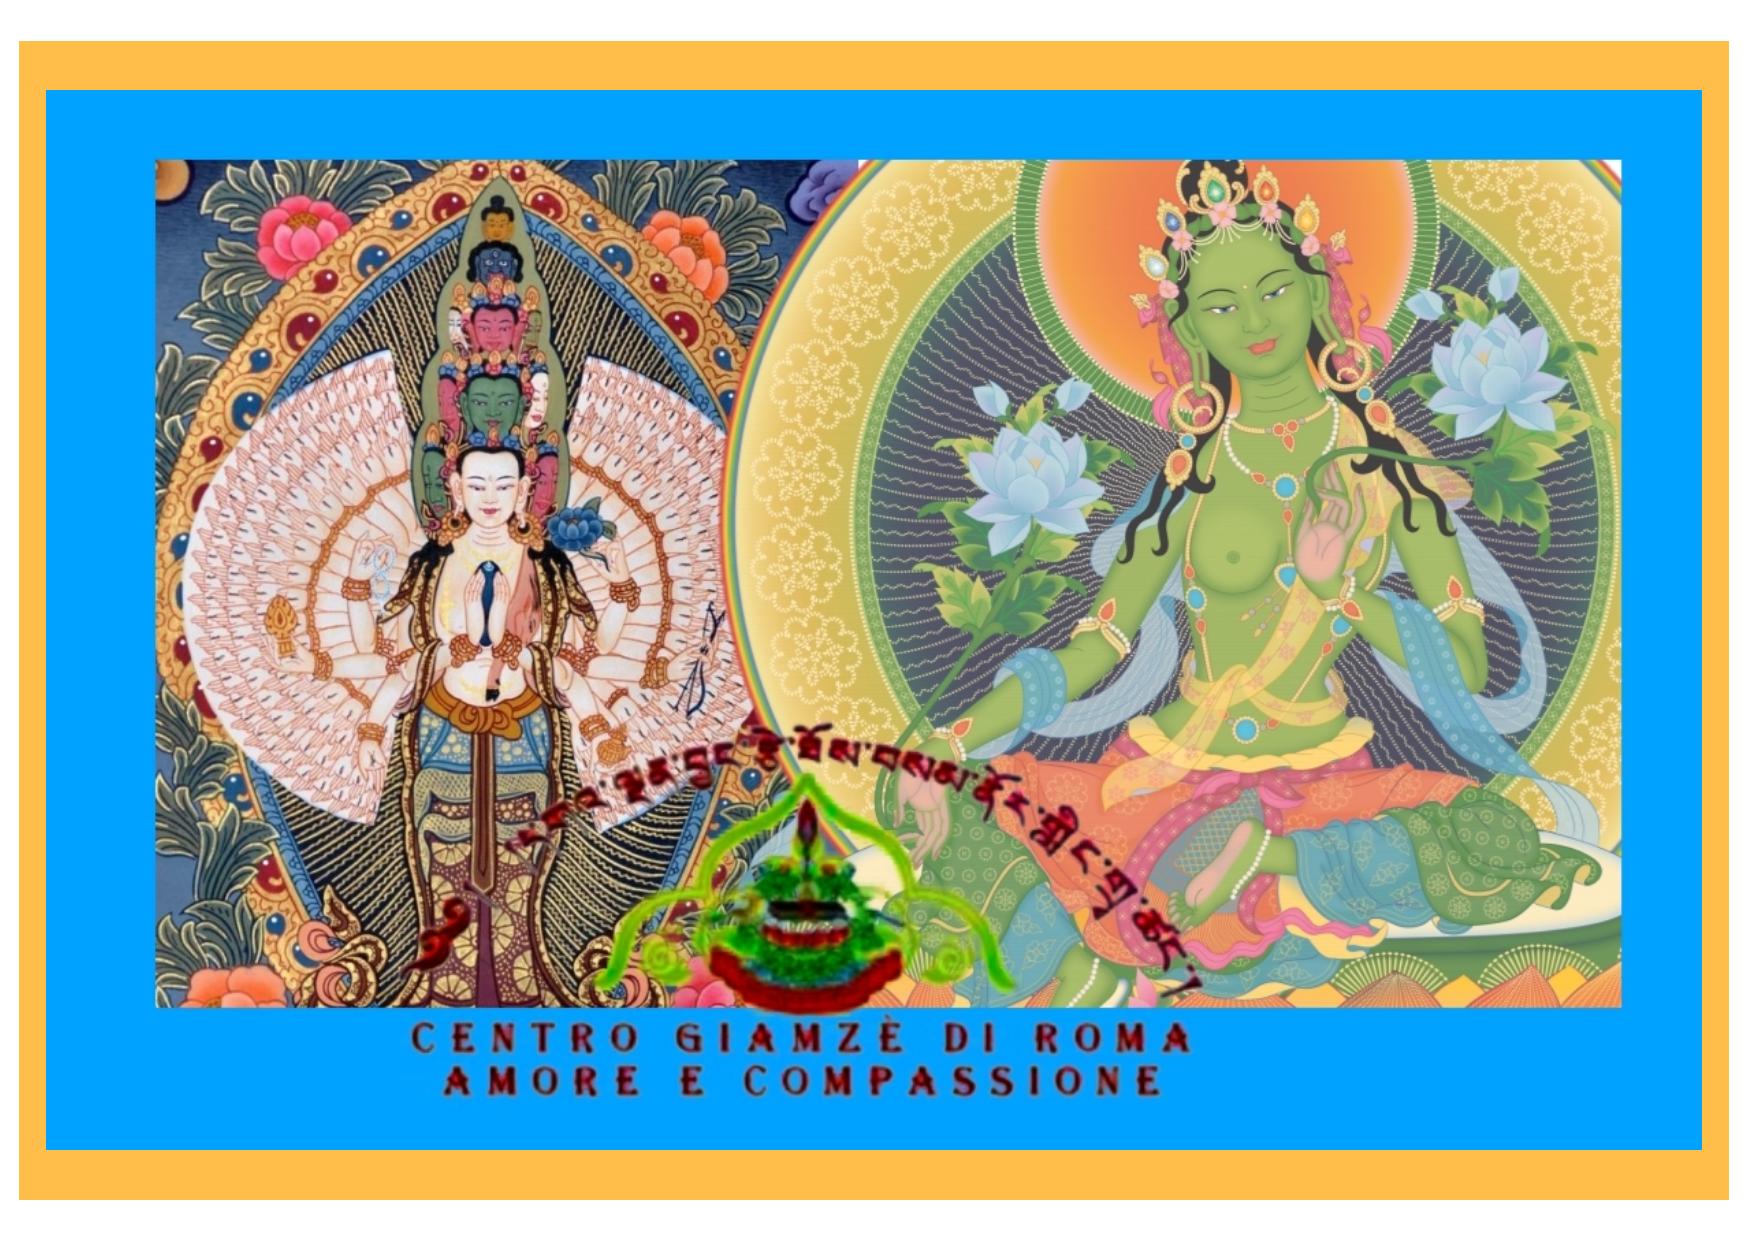 Incontro virtuale su piattaforma Zoom Studio di Filosofia Buddhista condotto dei Basic Dharma Teacher del Centro Buddhista di Trastevere Giamzé di Roma